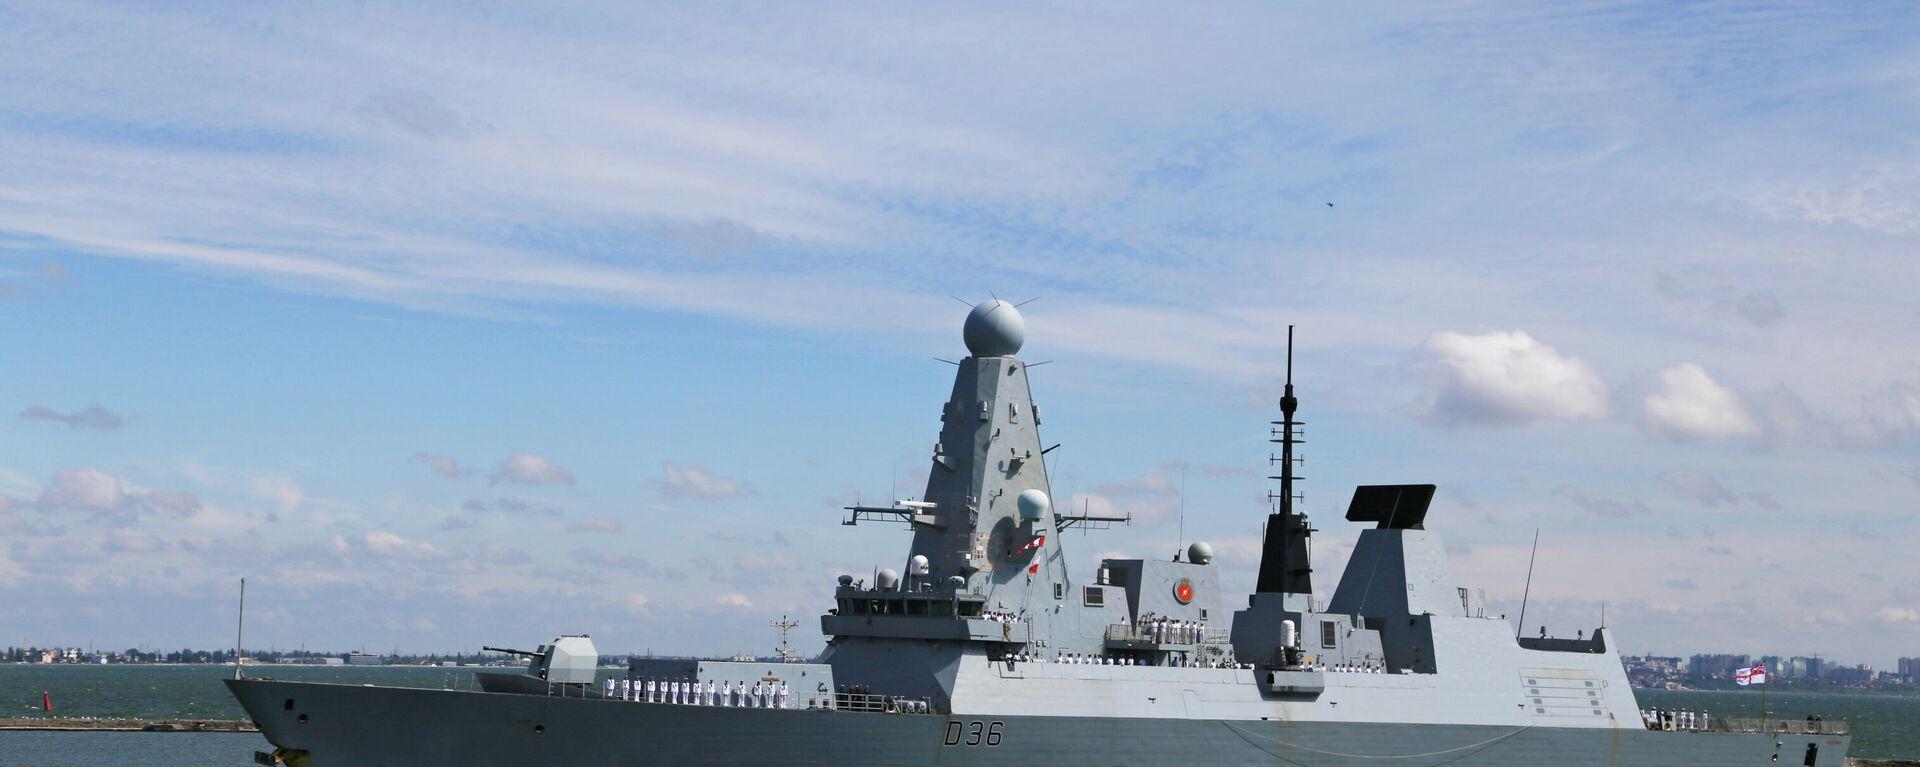 Эсминец Defender ВМС Великобритании  - Sputnik Таджикистан, 1920, 27.06.2021